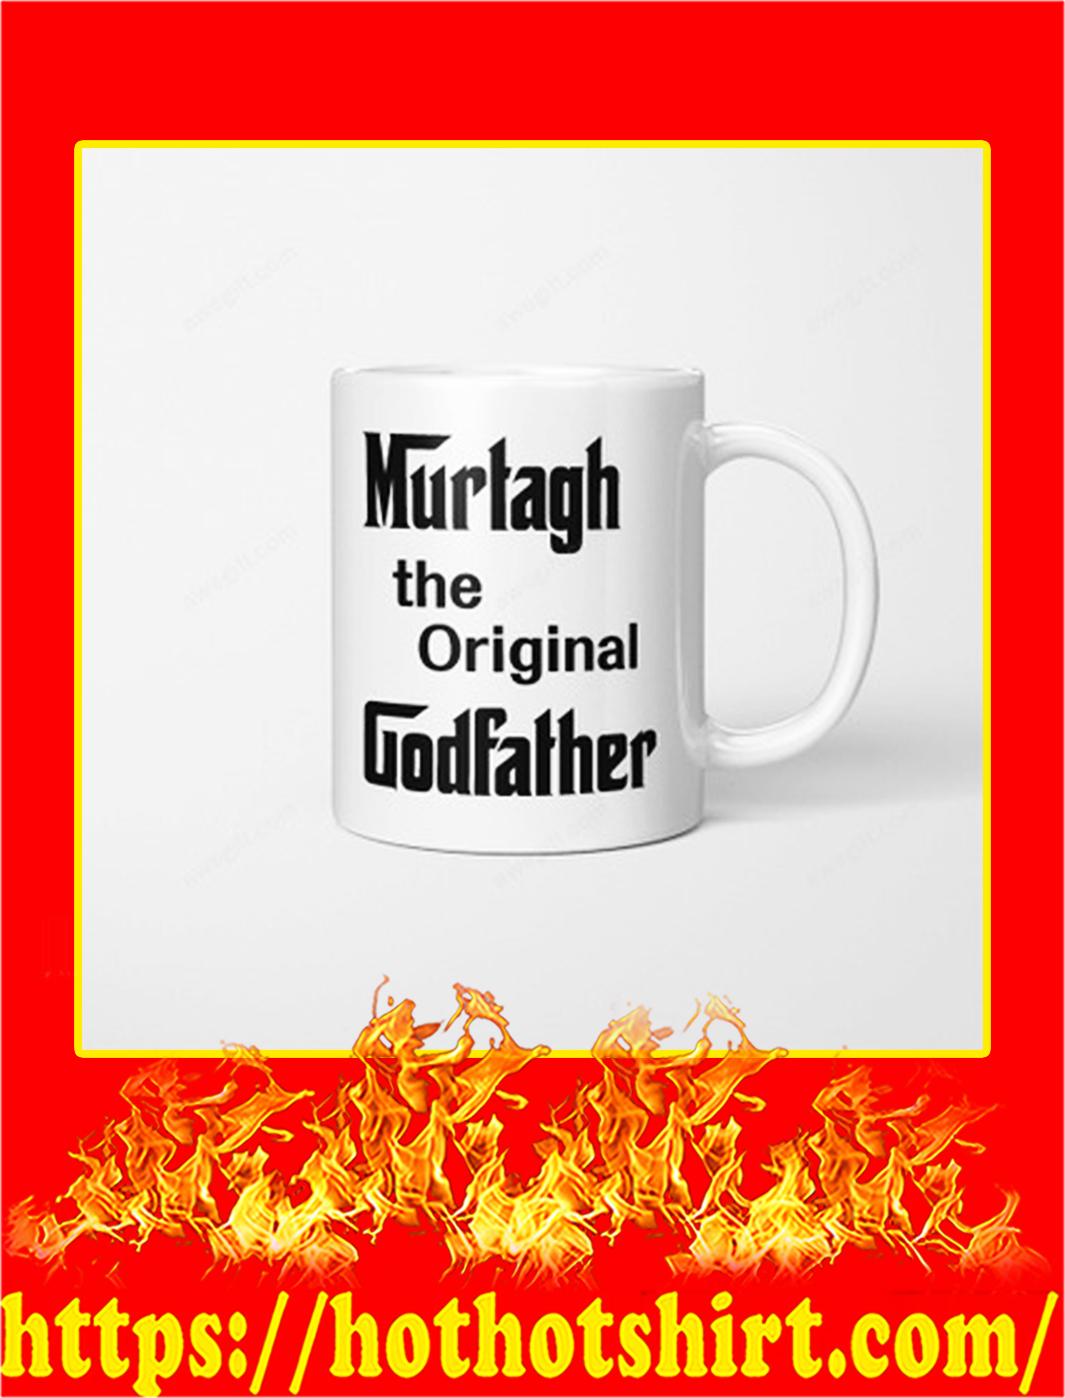 Murtagh the original godfather mug- pic 1